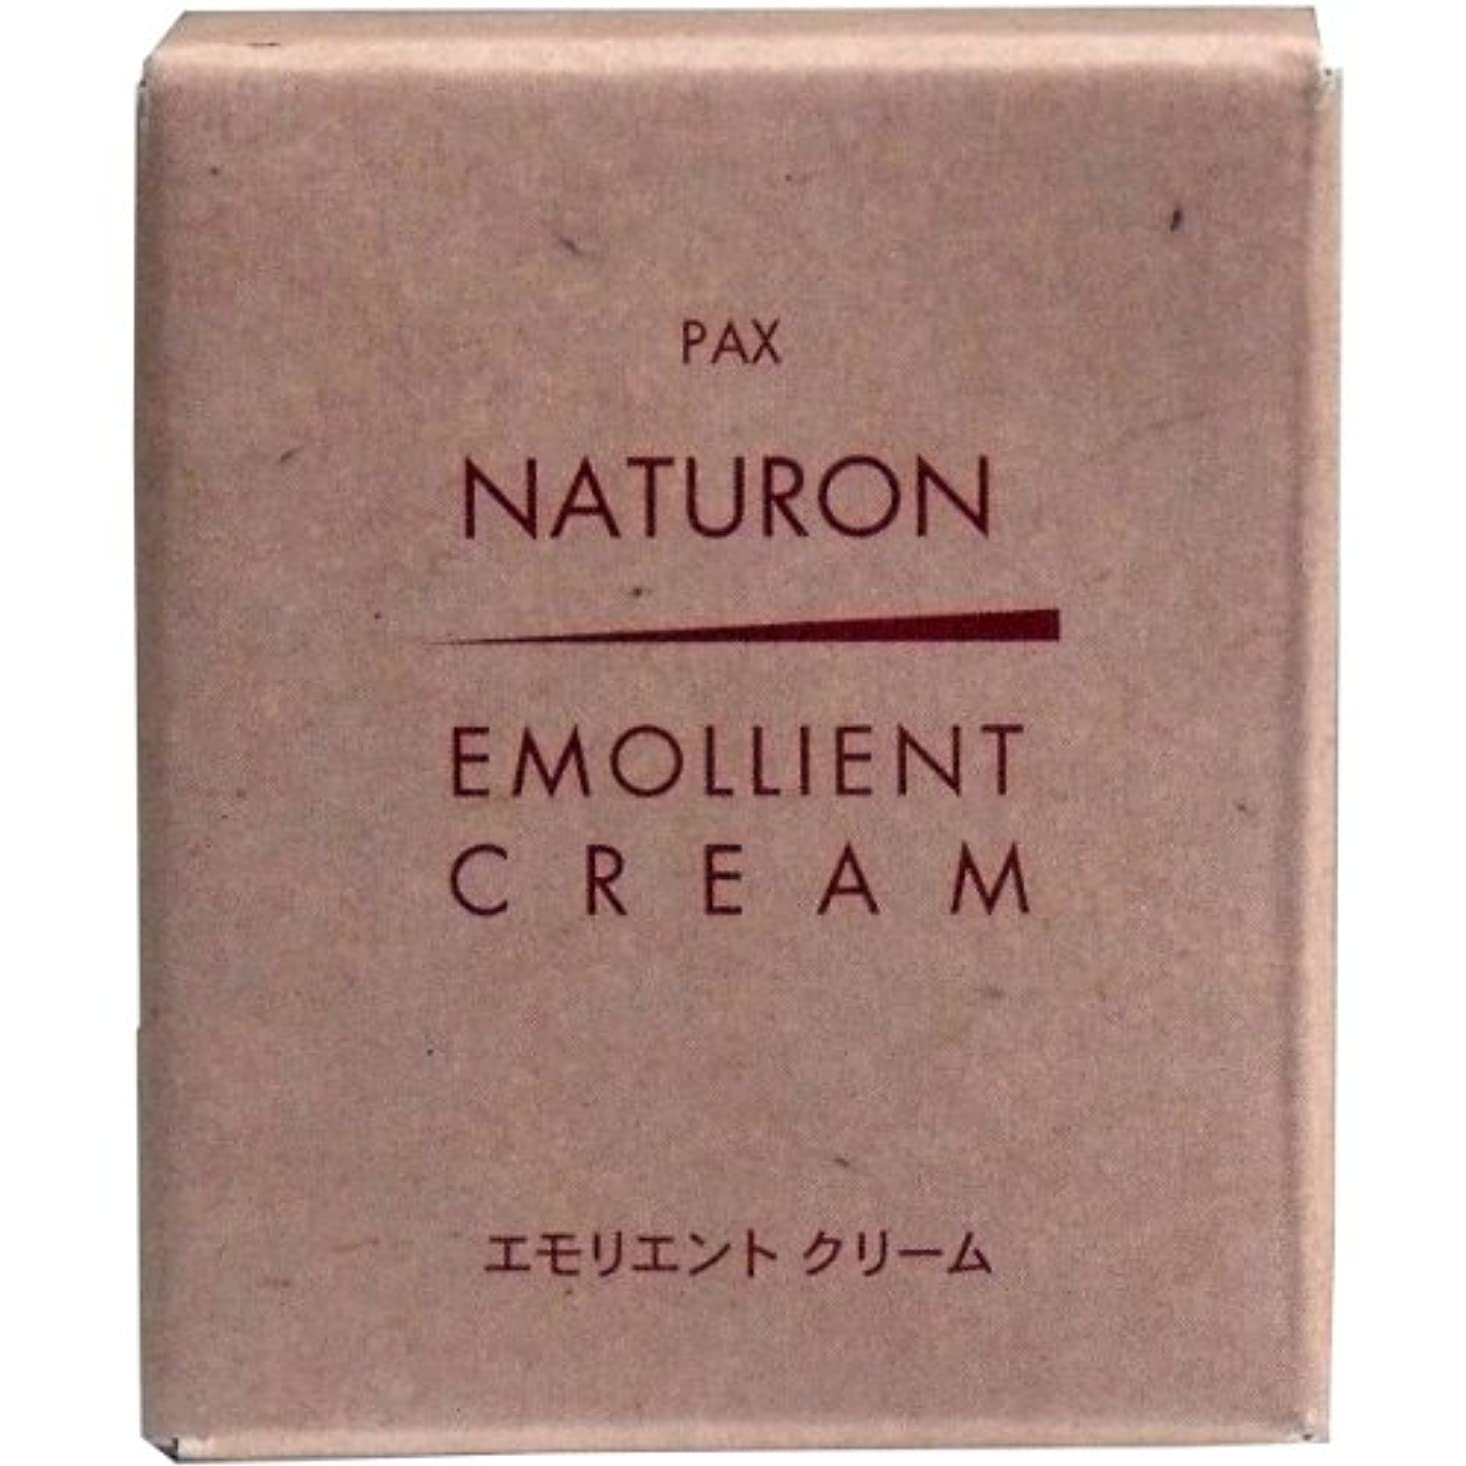 【セット品】パックスナチュロン エモリエントクリーム (保湿クリーム) 35g ×3個